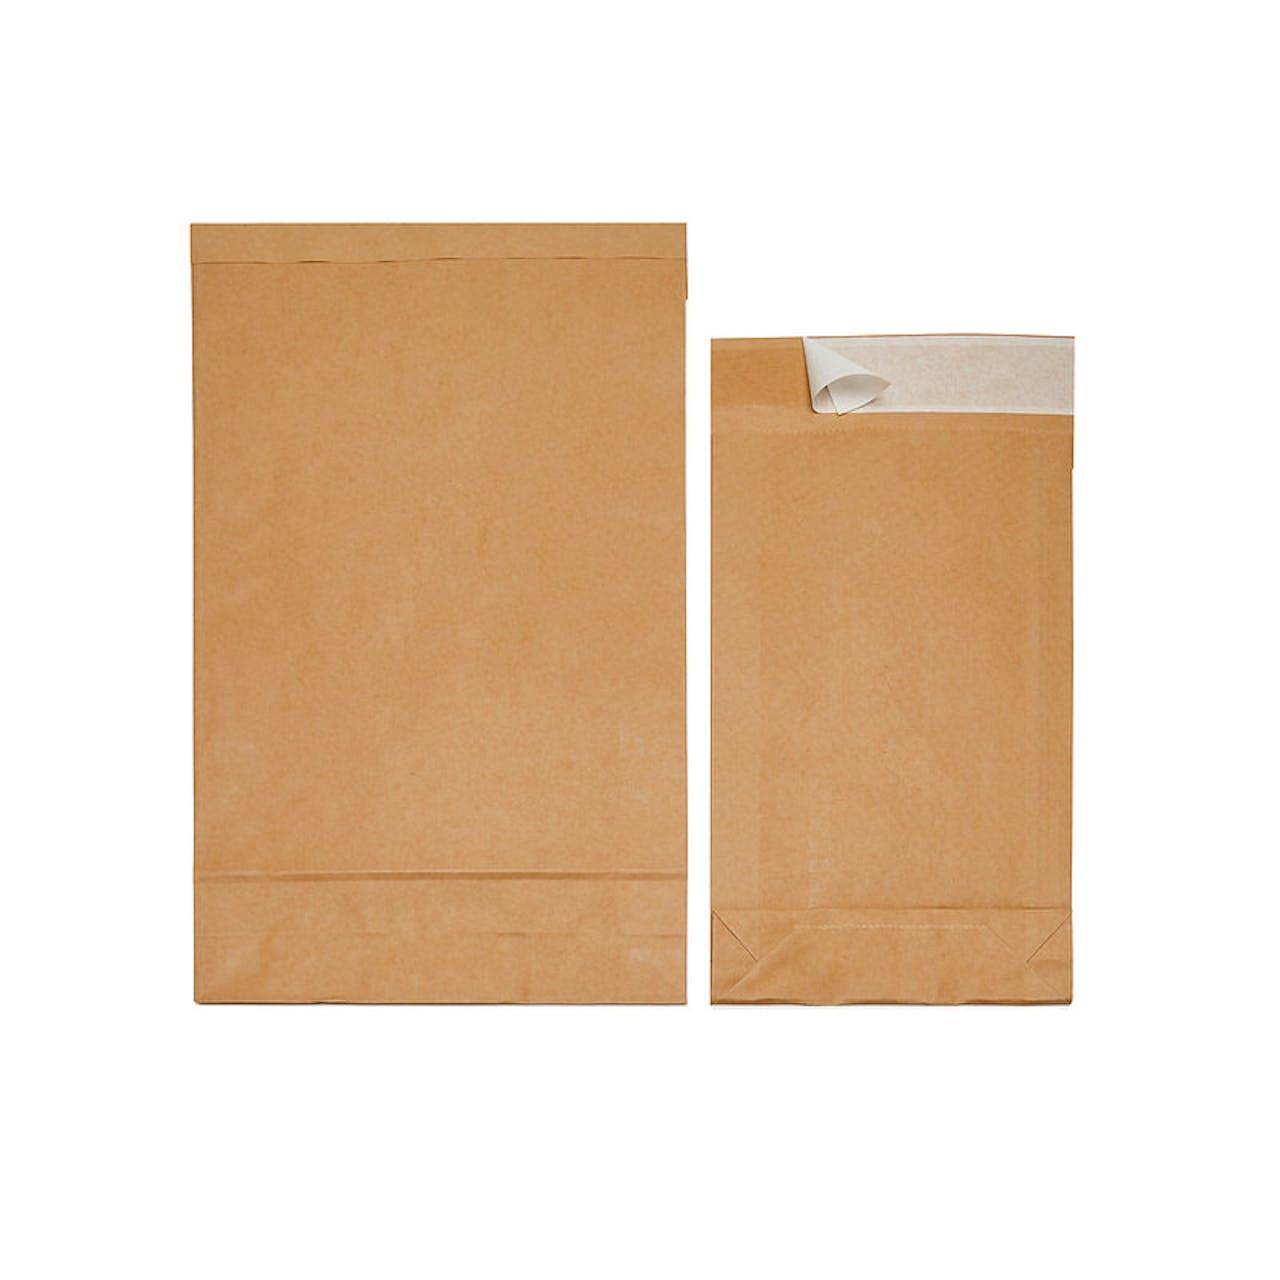 Natron-Papierfaltentasche mit Seitenfalte, 300 x 430 x 80 mm, DIN A3, 50 g/St.